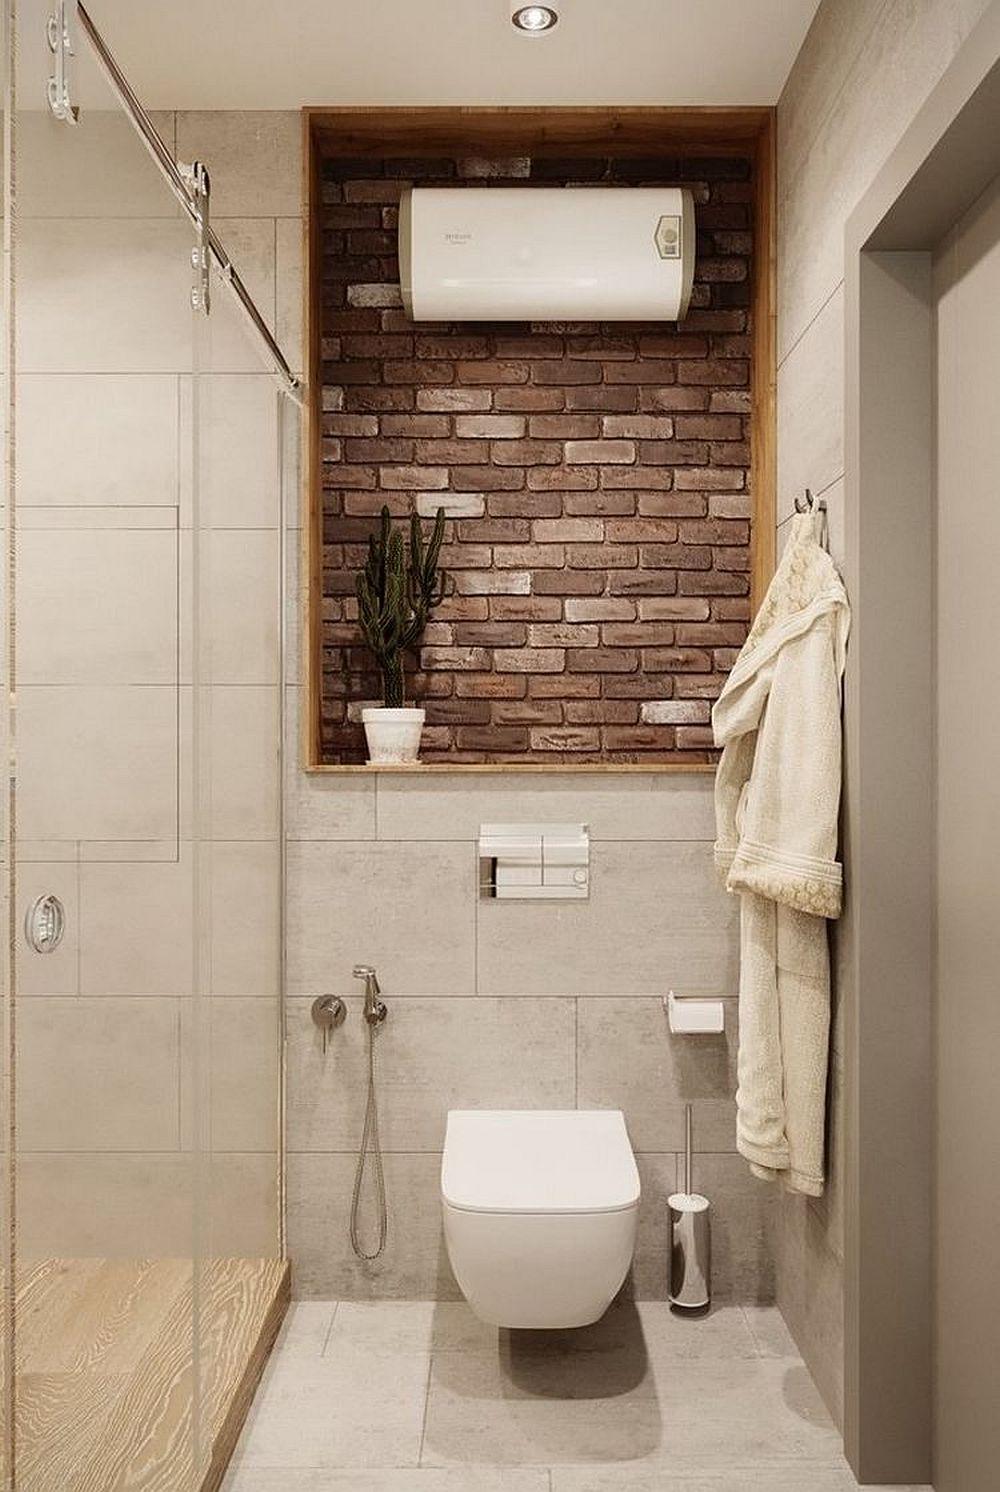 Jumătate din camera de baie este ocupată de cabina de duș. La bloc e mai dificil de realizat duș cu rigolă îngropată fără a intervenii asupra înălțimii pardoselii. Așa că între zona de duș și restul băii există o diferență de nivel. Pentru ca ea să fie sesizată, designerii au prevăzut placarea diferită a pardoselii.